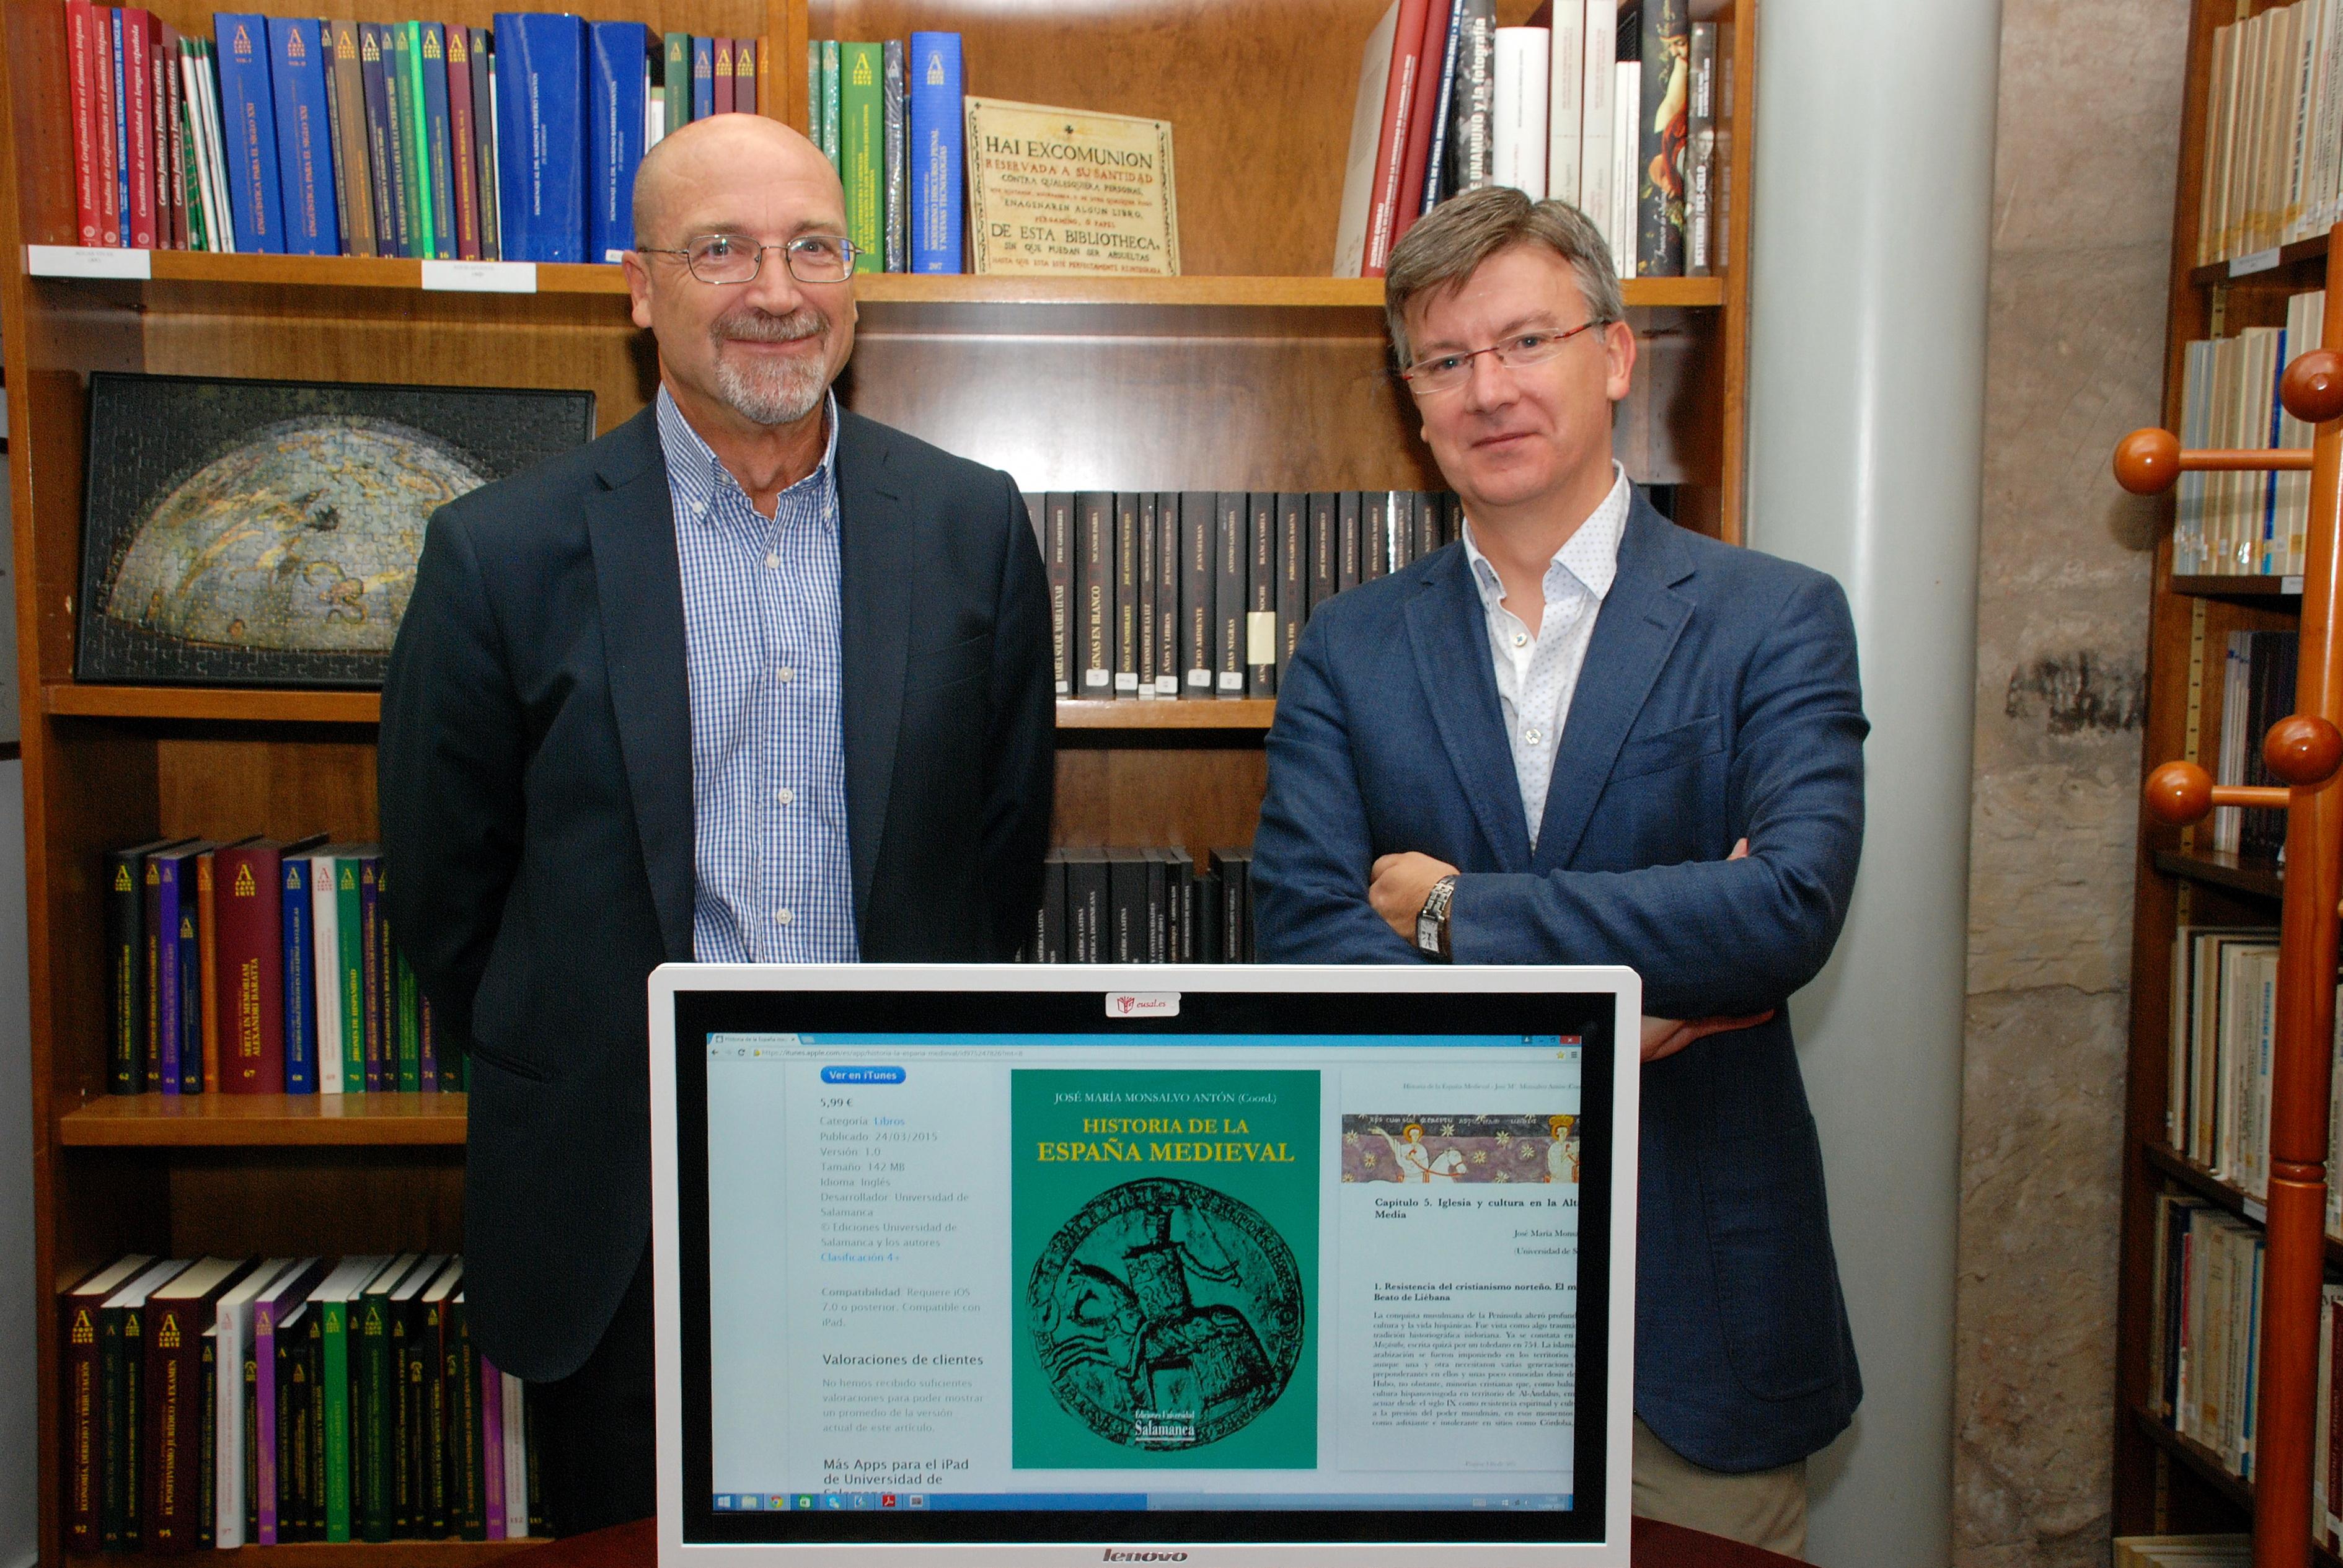 'Historia de la España Medieval', de Ediciones Universidad de Salamanca, Premio Nacional a la mejor Edición Digital y Multimedia